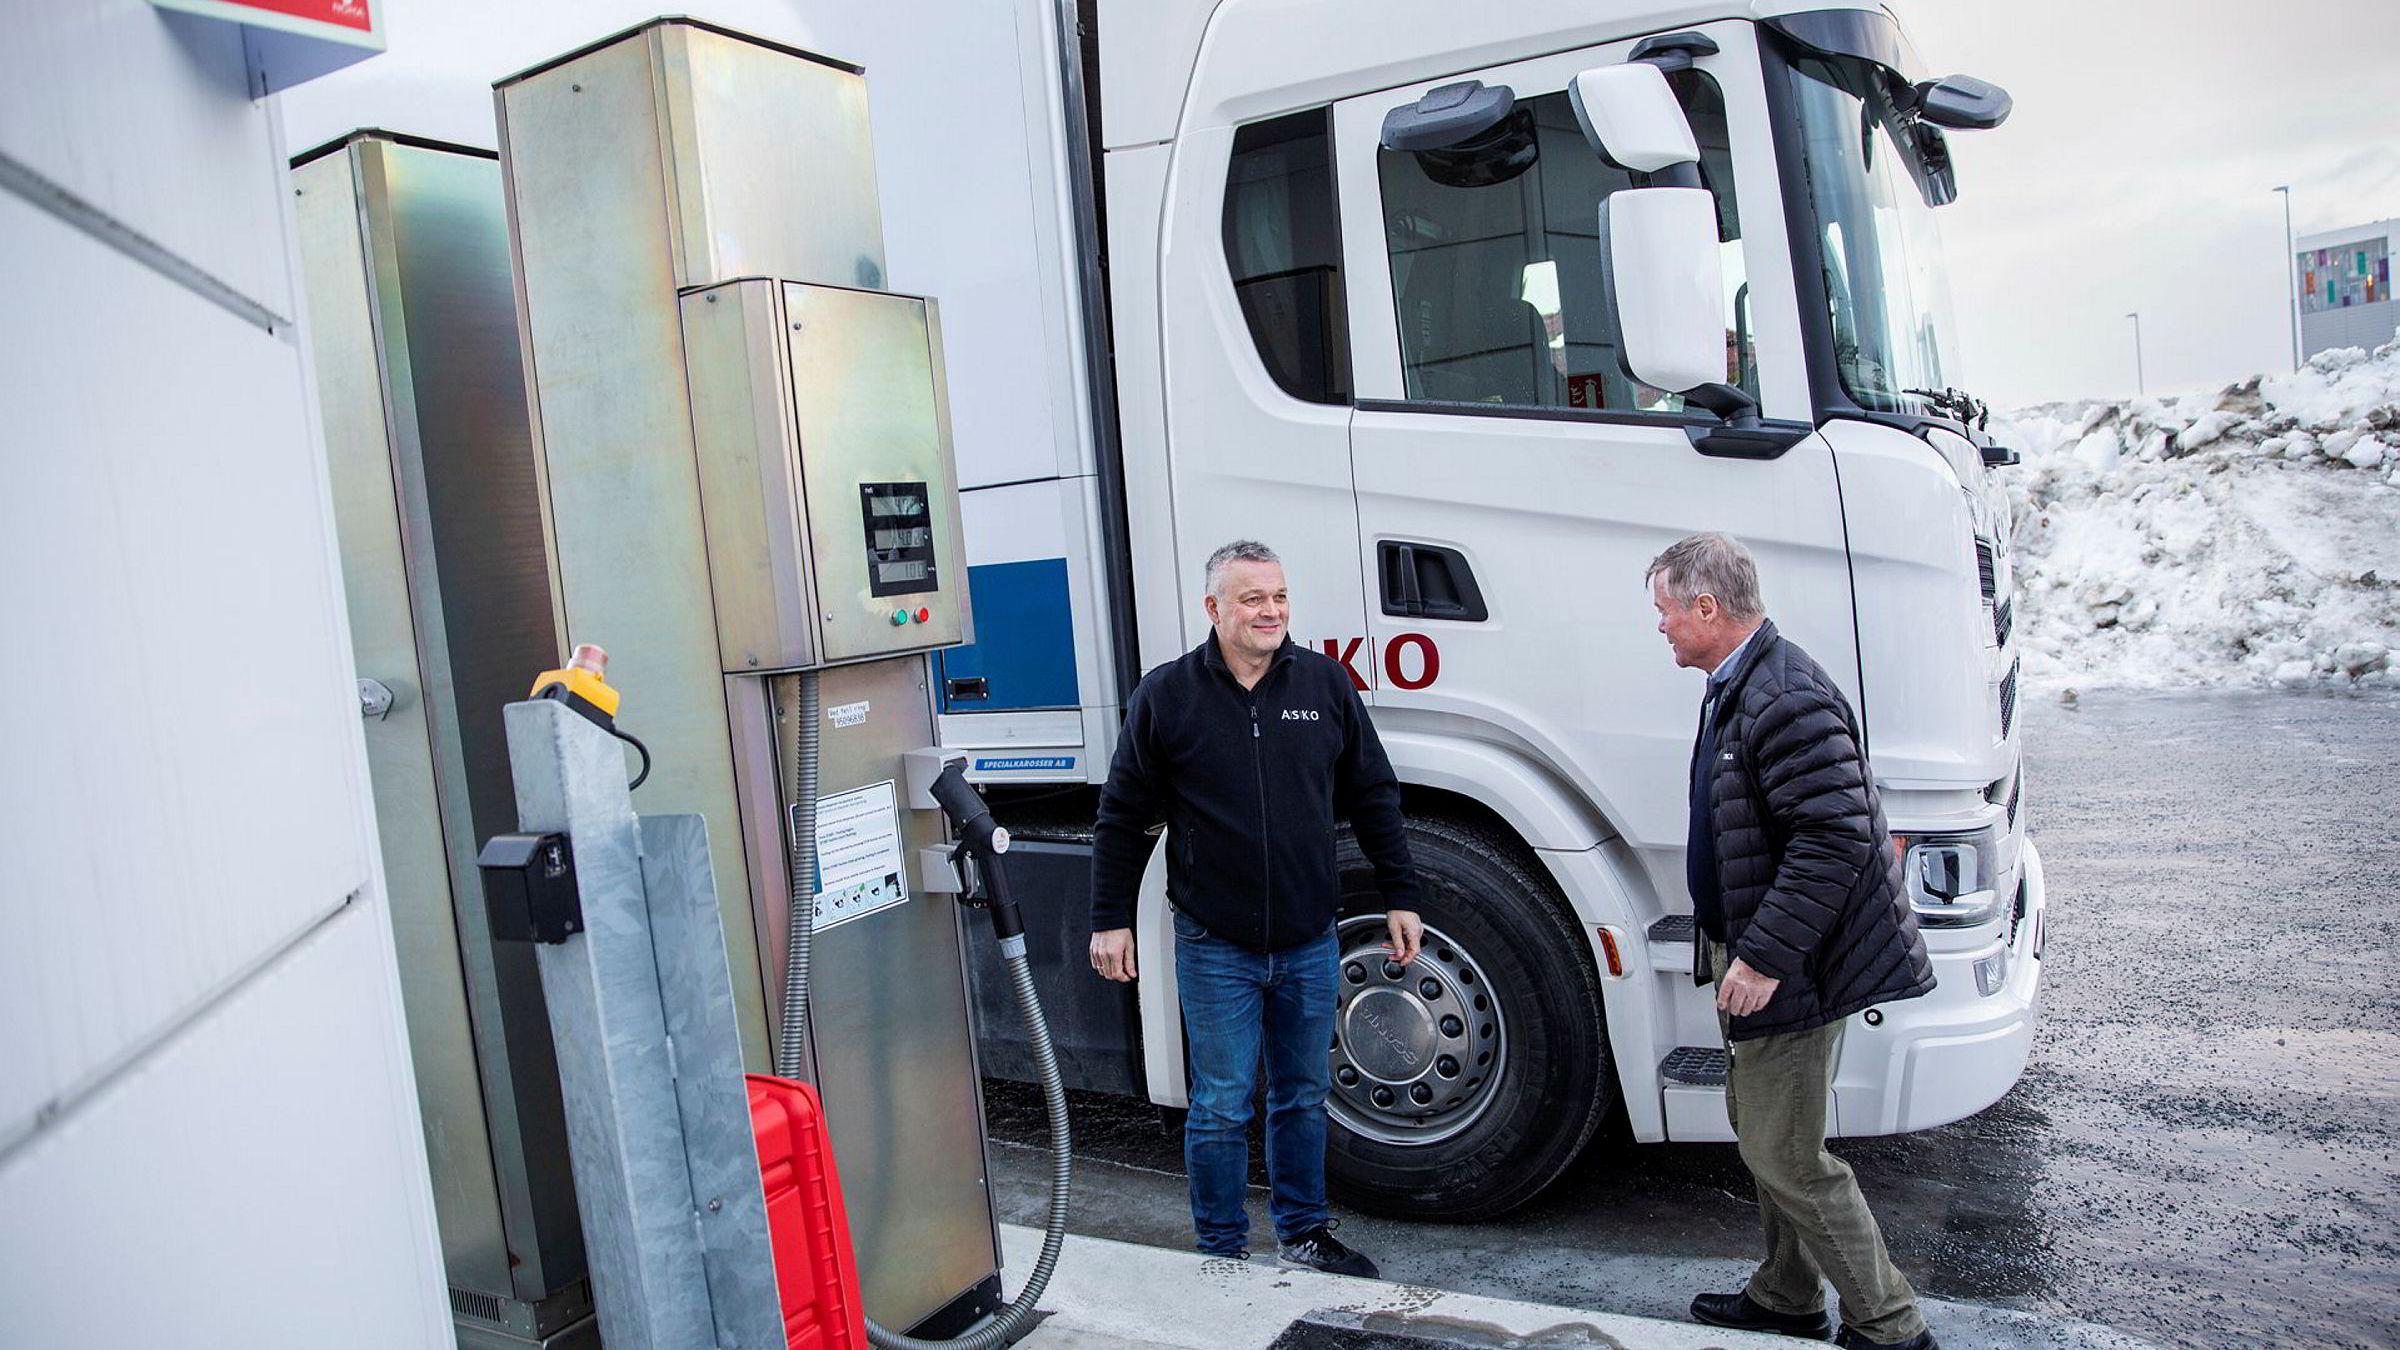 Styreformann i Asko Torbjørn Johannson (til høyre) og Roger Sæther demonstrerer tankanlegget i Trondheim hvor det fylles gass på en ny hydrogenlastebil.